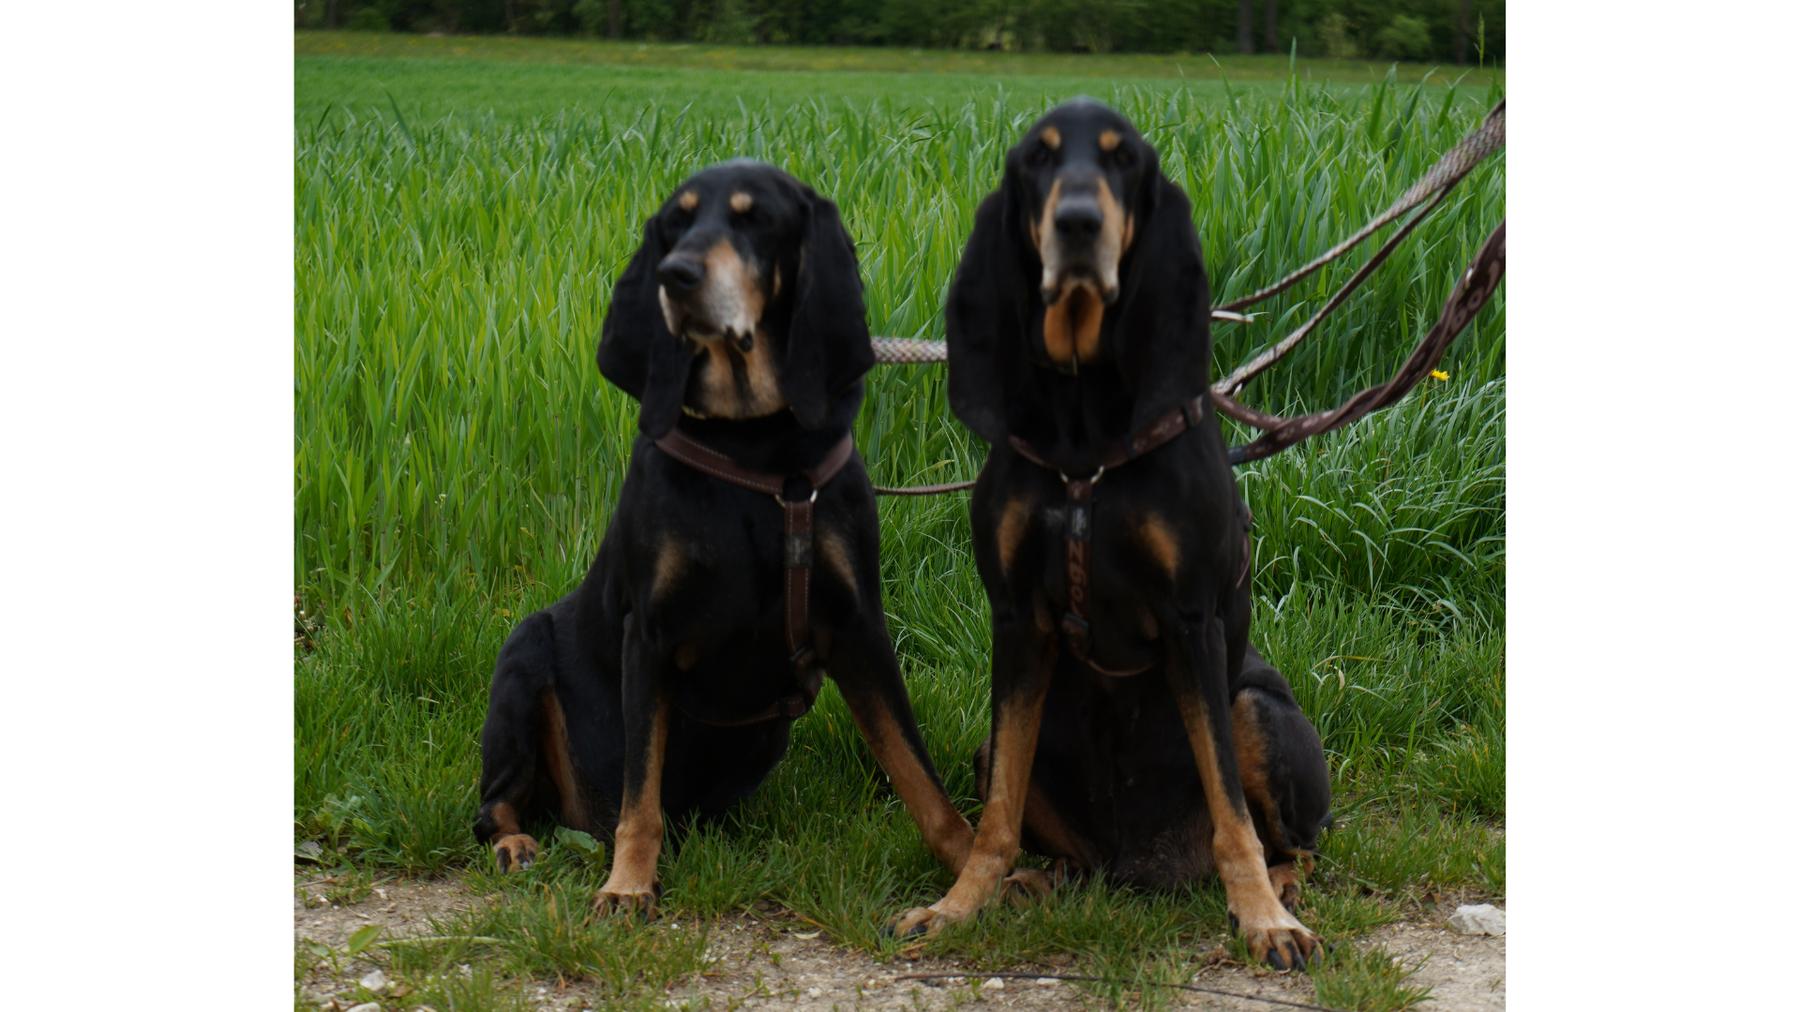 Arkon & Arthos